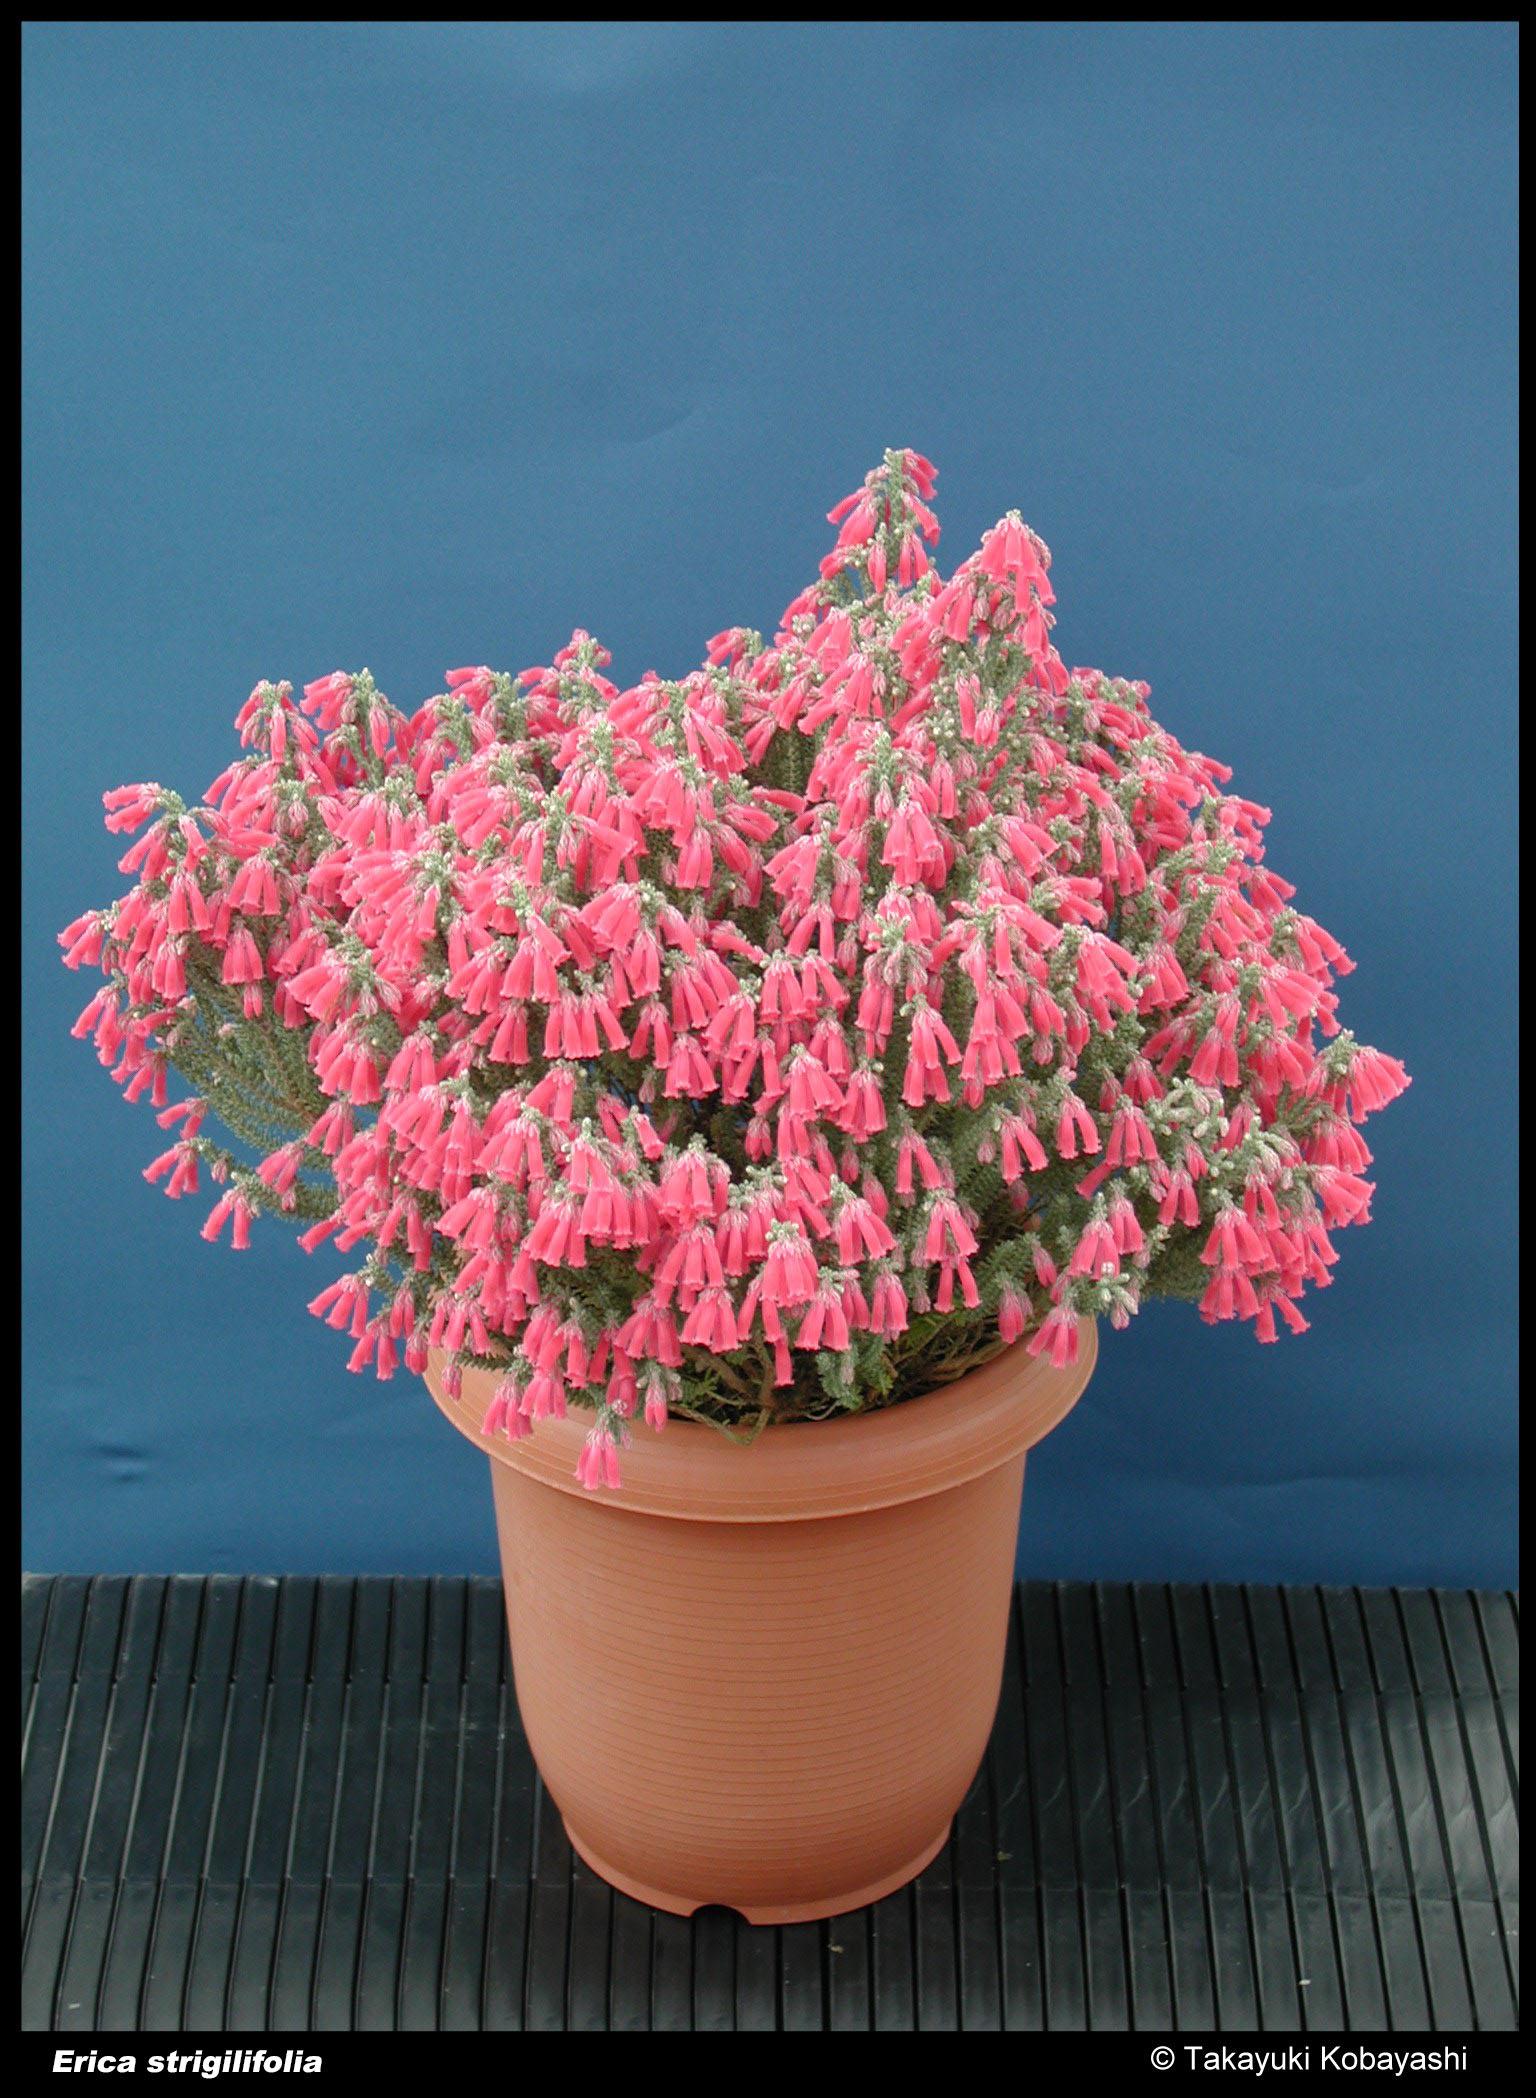 Erica strigilifolia